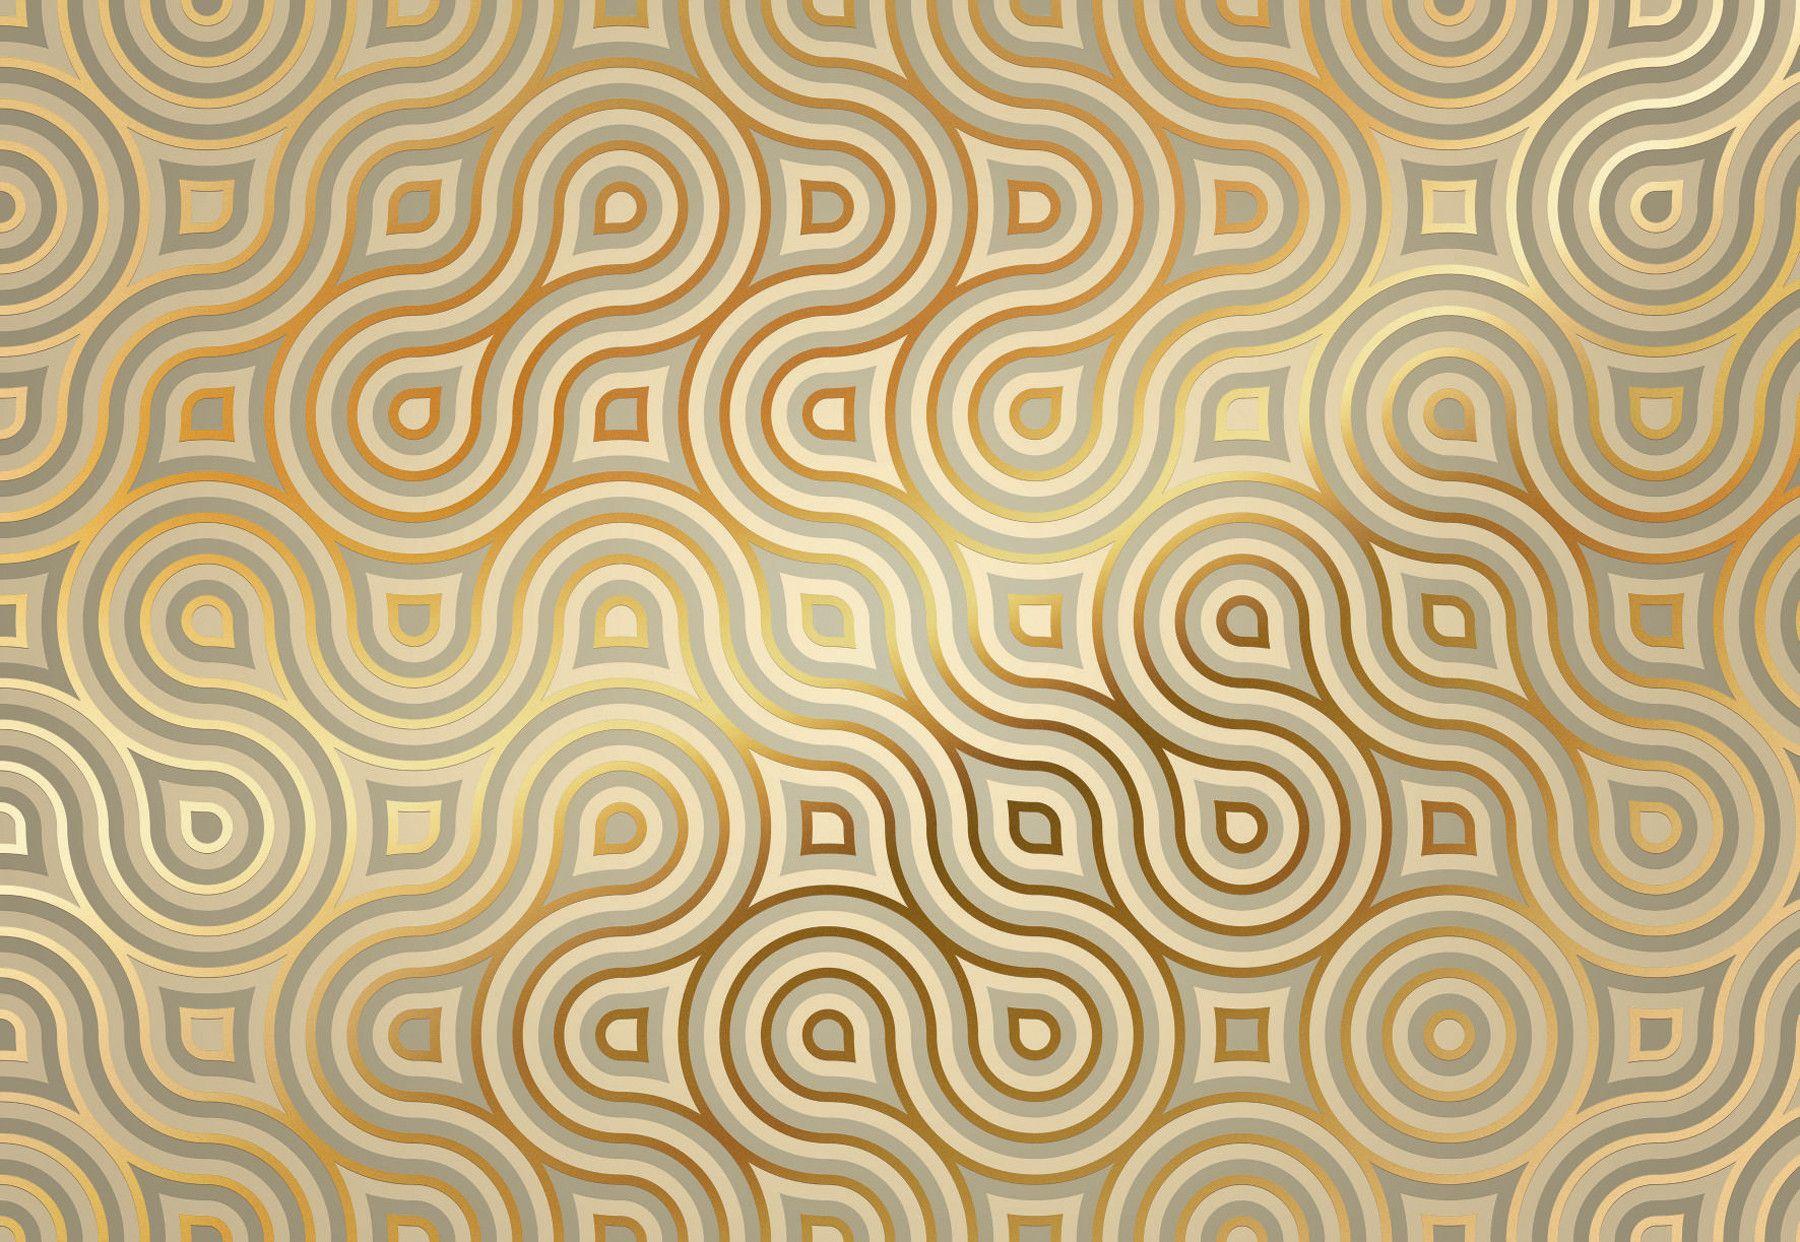 Komar Meander Wall Mural | Patterns | Pinterest | Wall murals